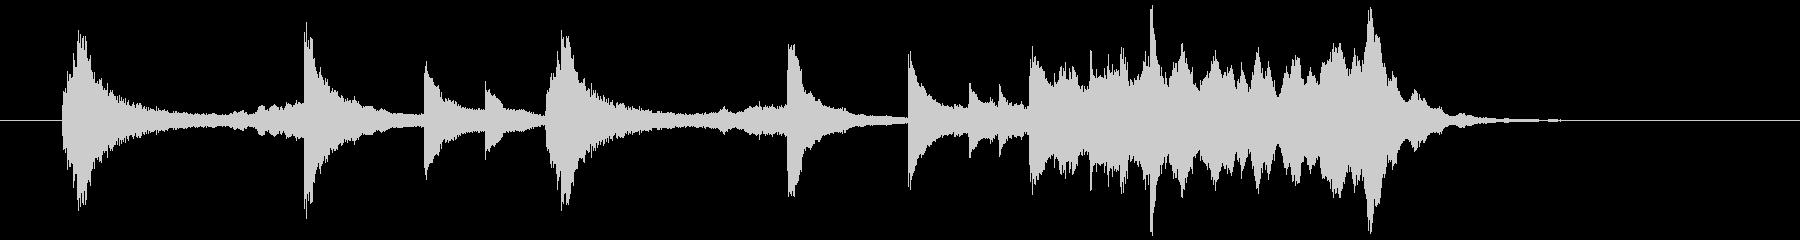 琴・ピアノを使った和風のアテンション2の未再生の波形